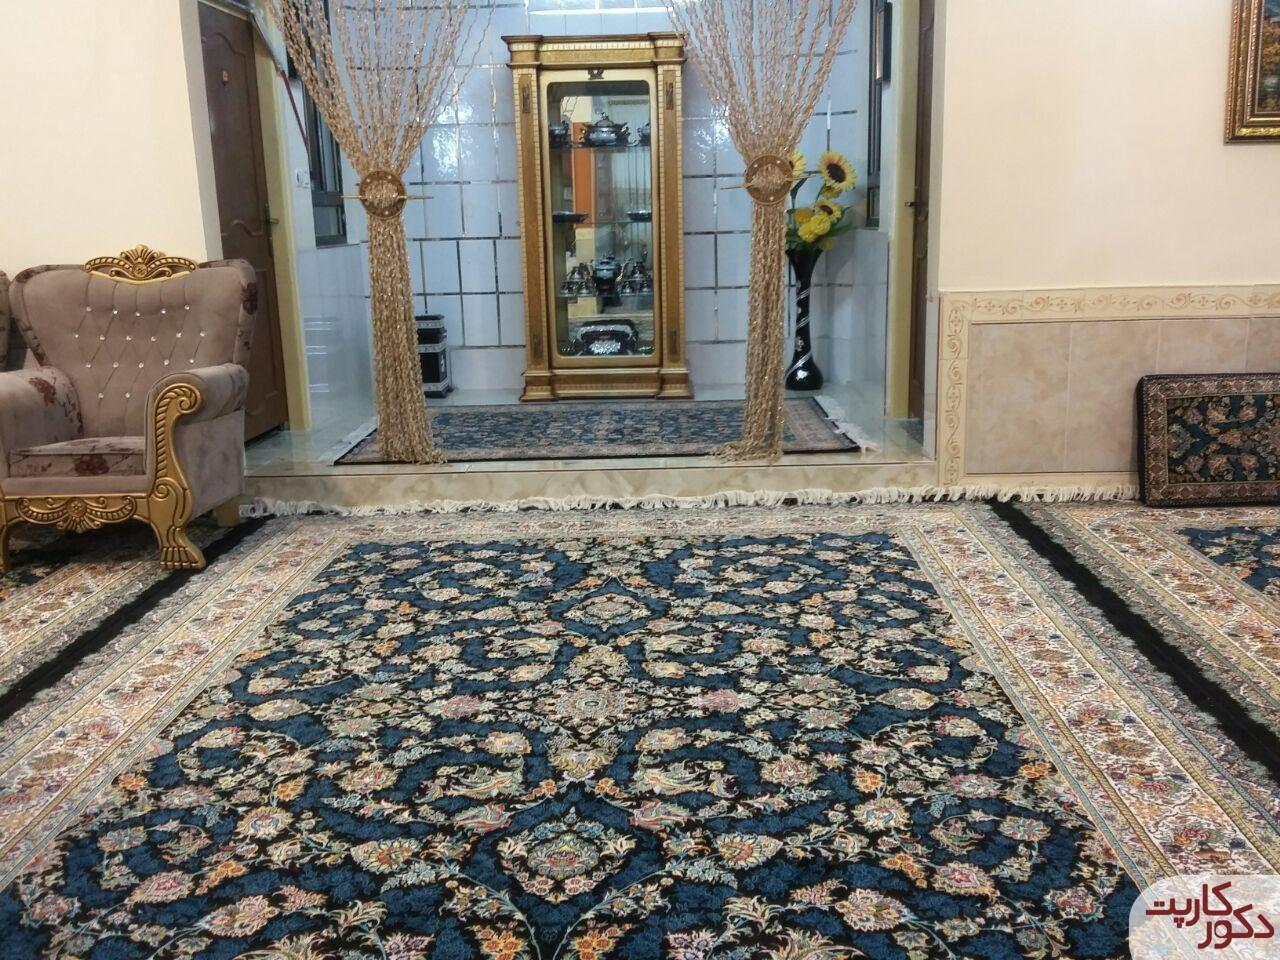 به کار بردن فرش و قالیچه و پشتی طرح رز افشان سرمه ای در یک دکوراسیون